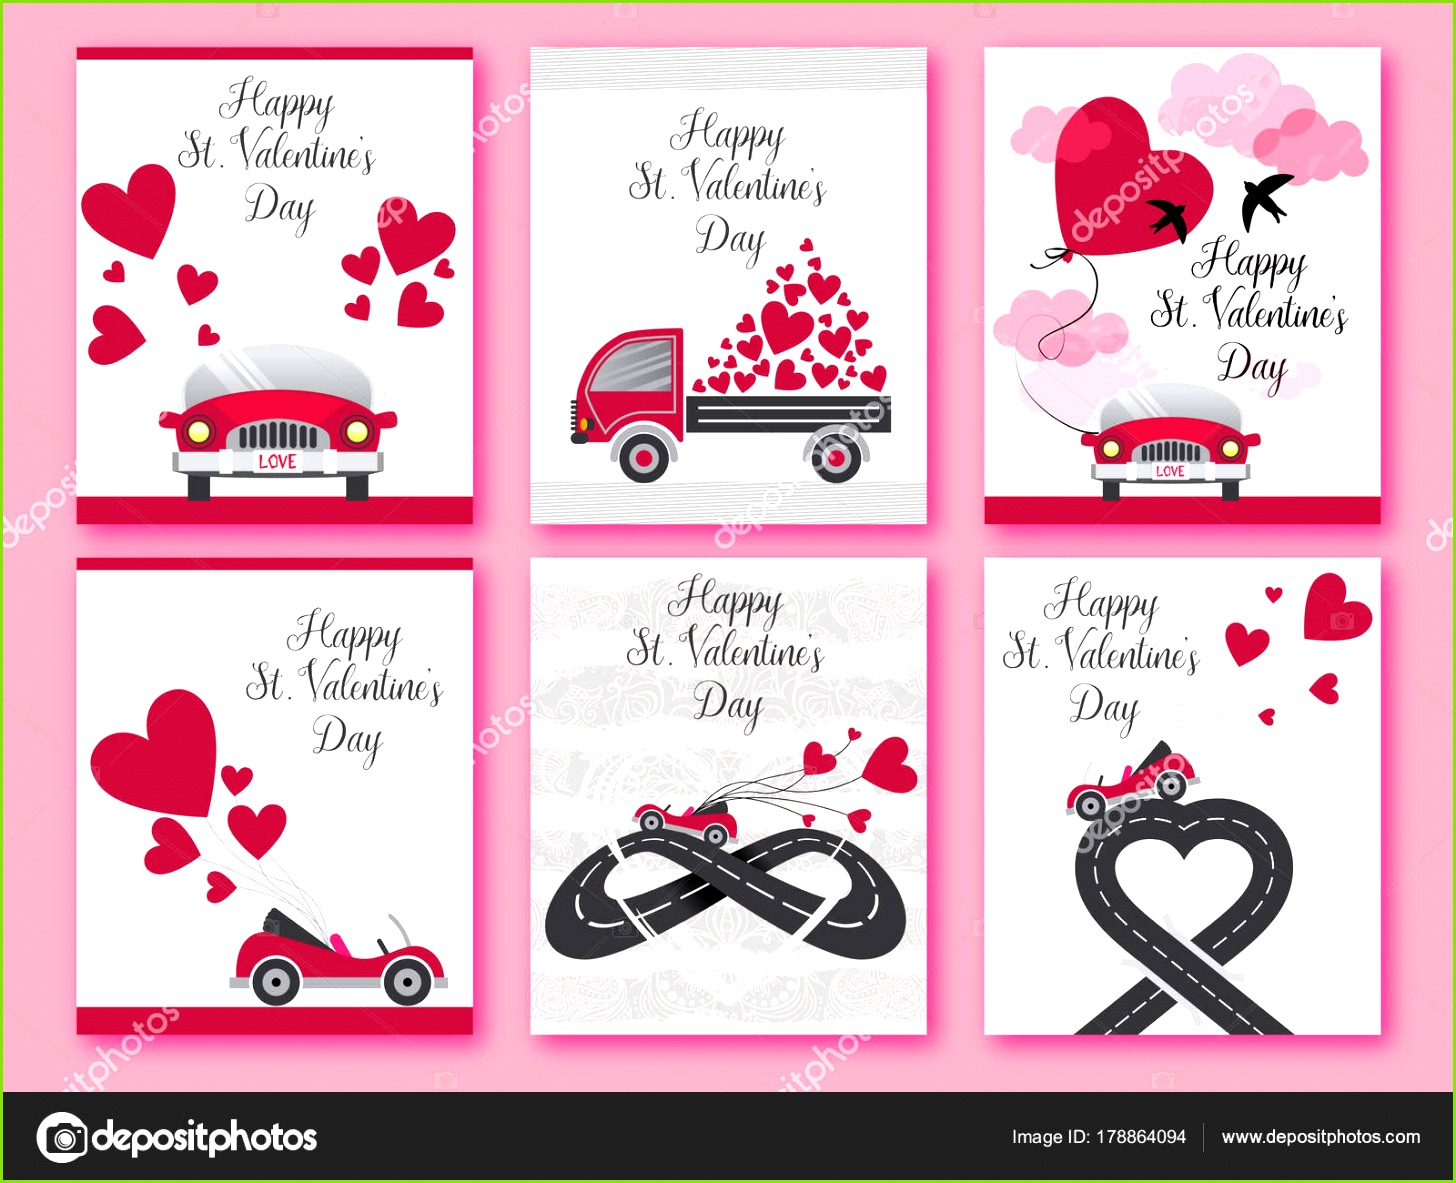 Happy Valentines Day Satz von Valentines romantische Grußkarte Einladung Plakat Design Vorlagen